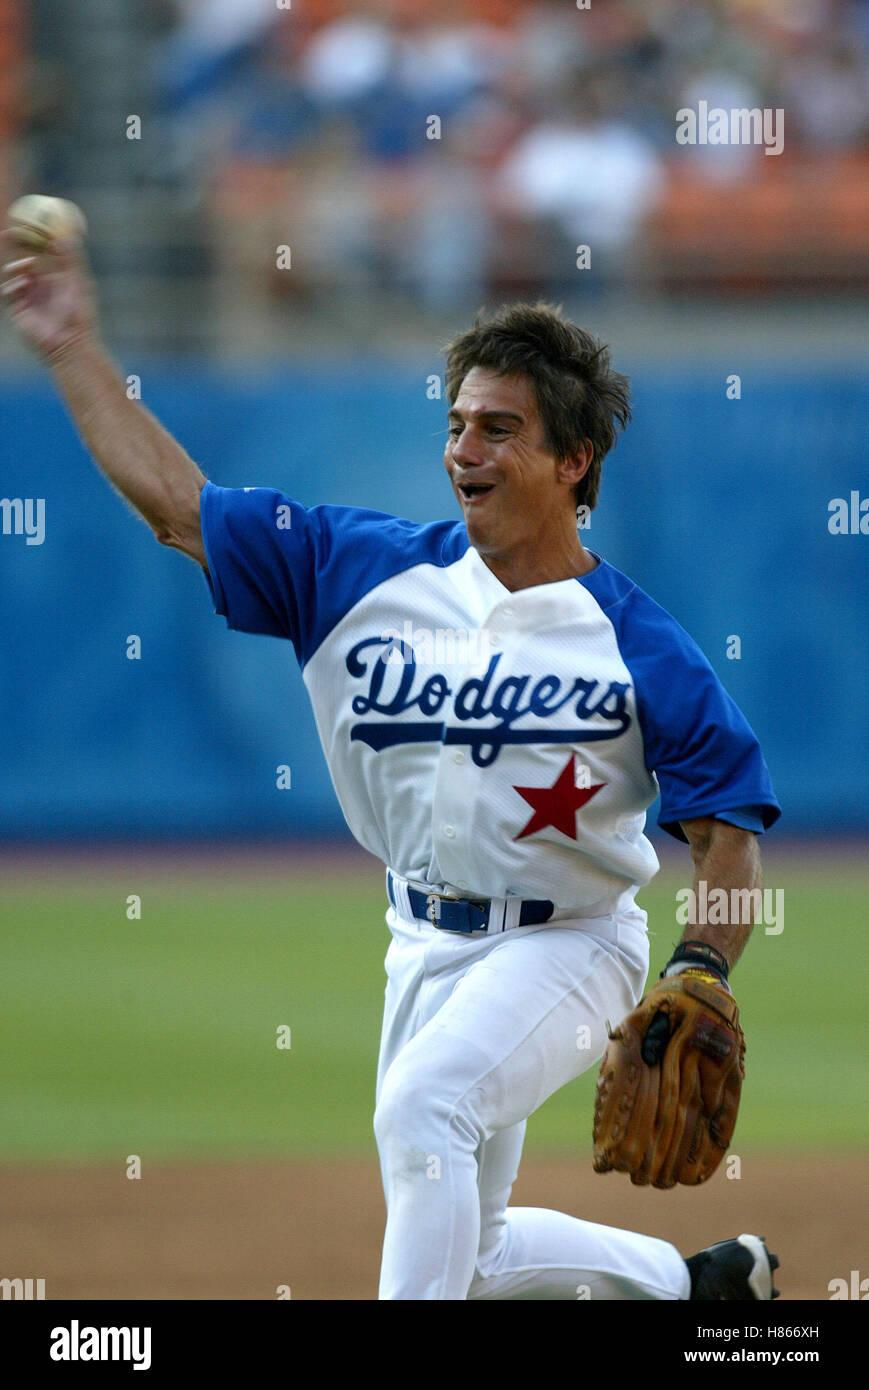 TONY DANZA HOLLYWOOD STARS BASEBALL JUEGO Dodger Stadium LOS ÁNGELES, Estados Unidos el 09 de agosto de 2002 Imagen De Stock